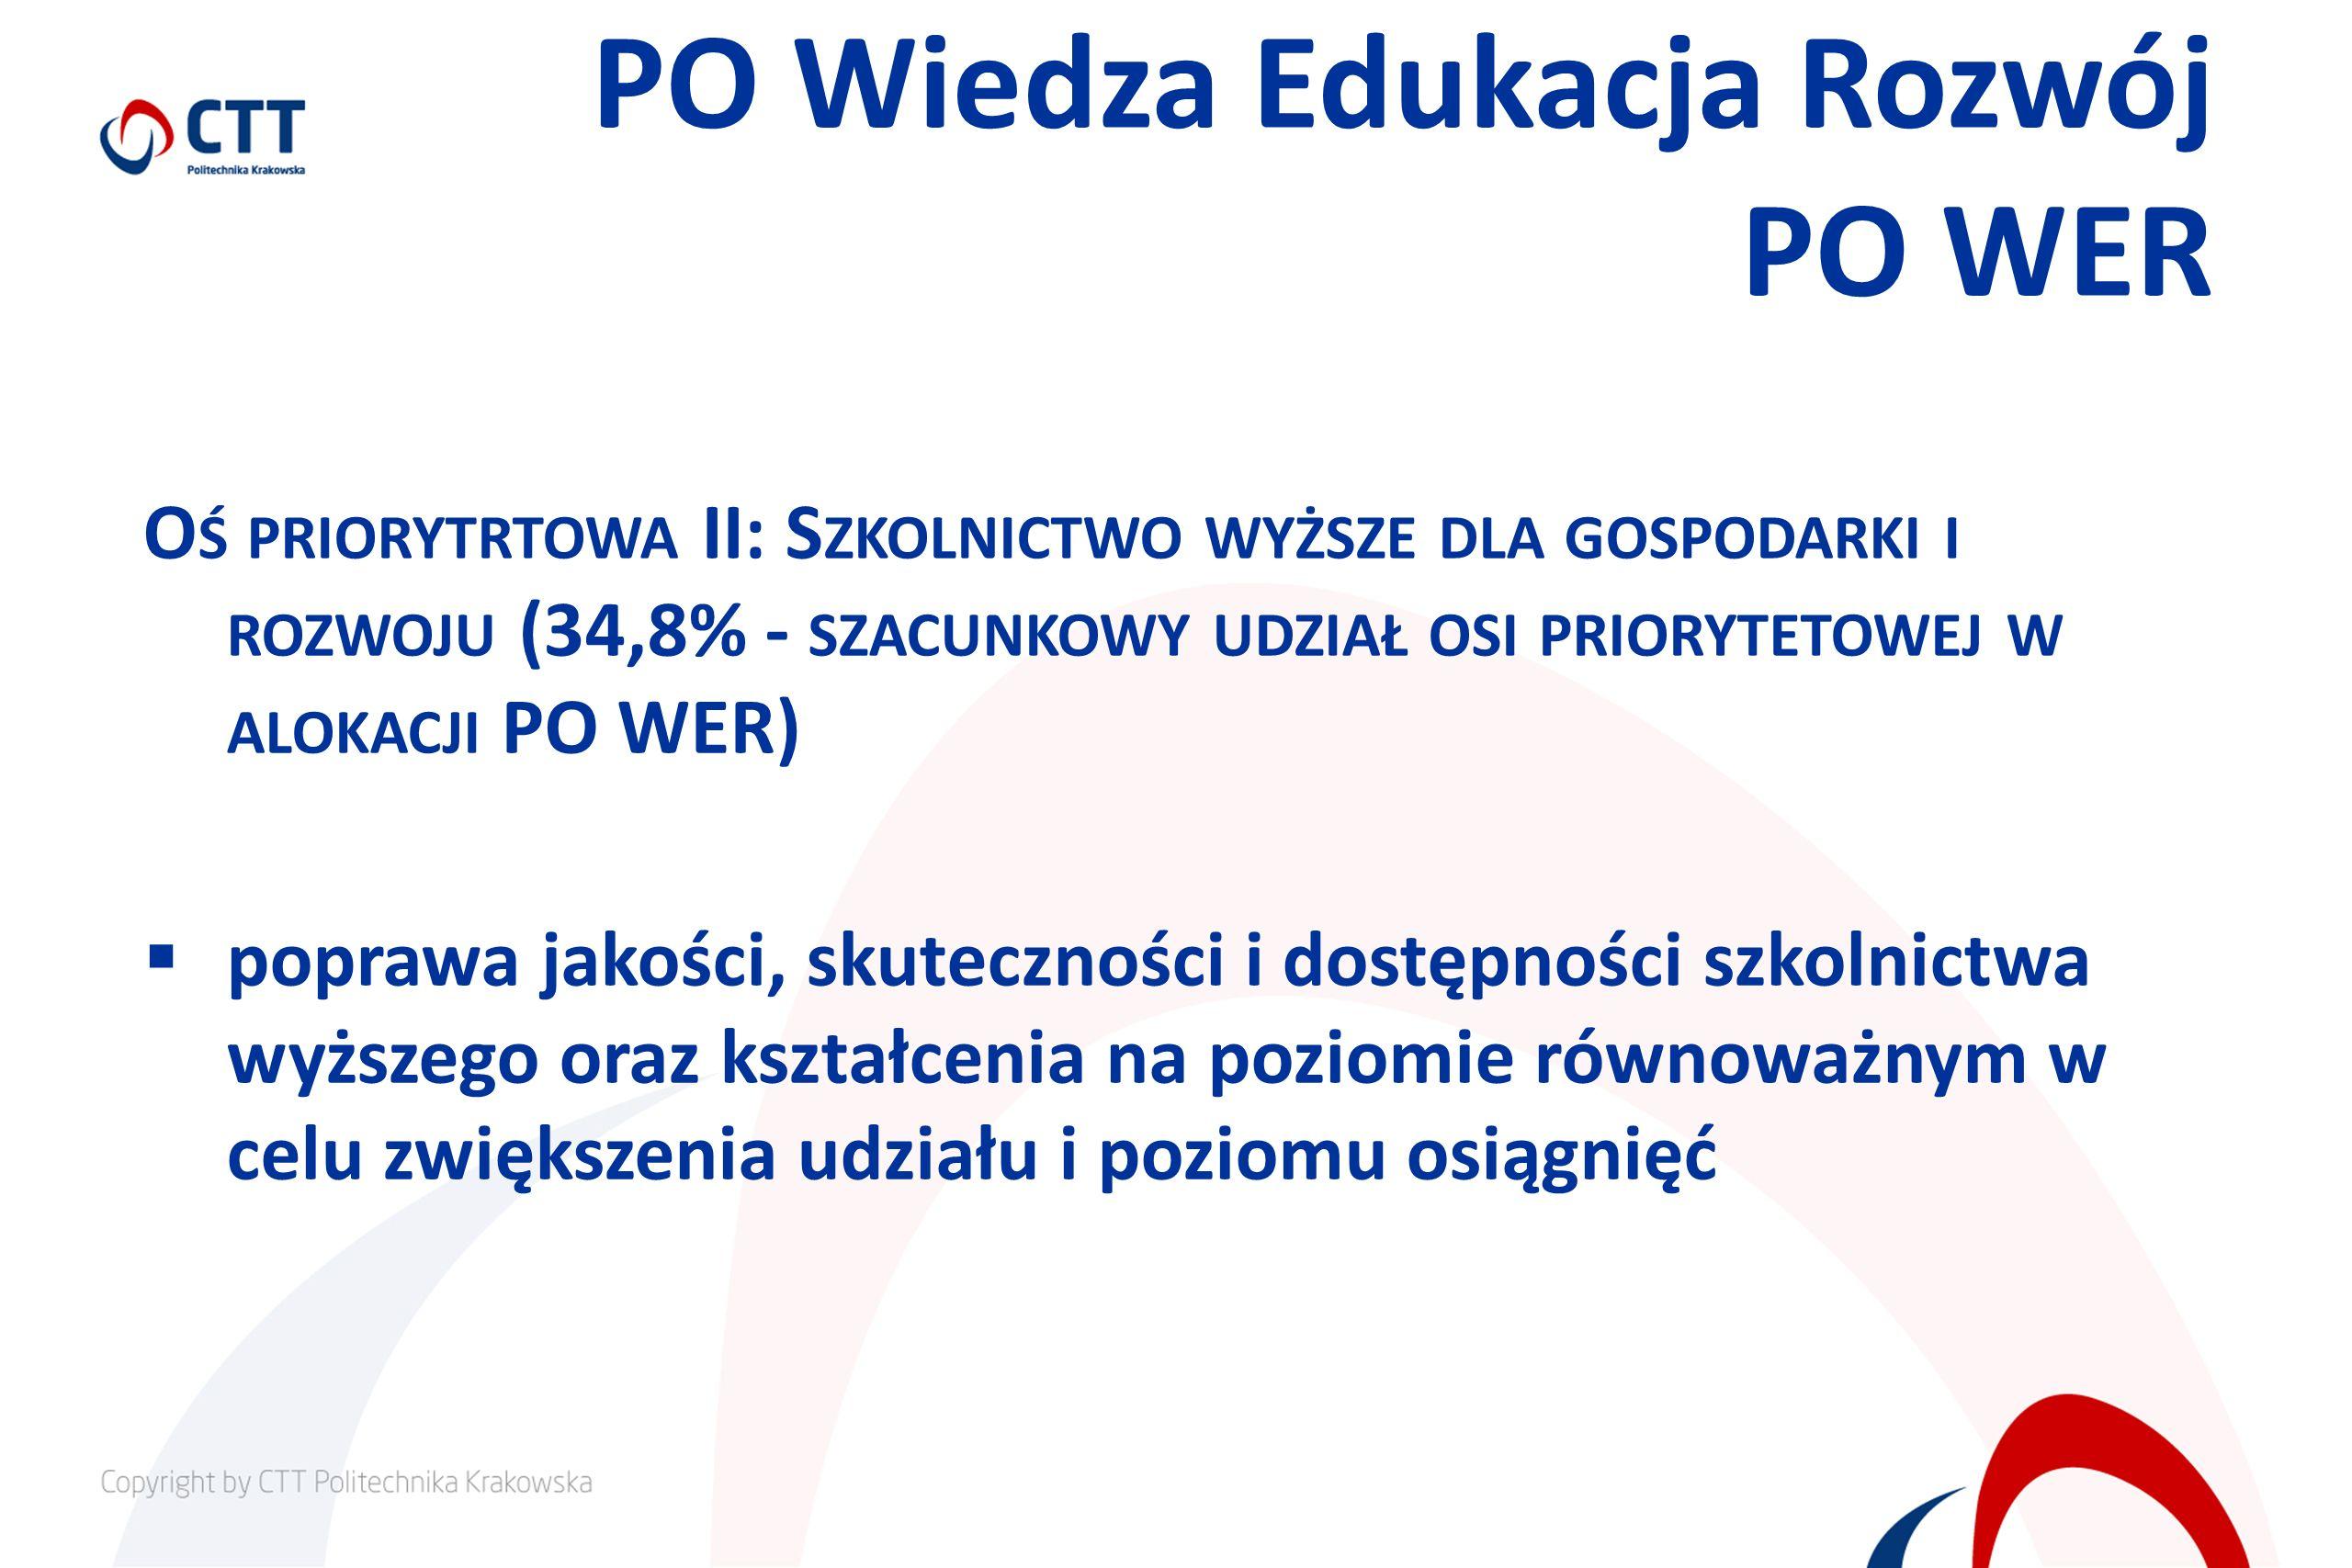 PO Wiedza Edukacja Rozwój PO WER O Ś PRIORYTRTOWA II: S ZKOLNICTWO WYŻSZE DLA GOSPODARKI I ROZWOJU (34,8% - SZACUNKOWY UDZIAŁ OSI PRIORYTETOWEJ W ALOKACJI PO WER) poprawa jakości, skuteczności i dostępności szkolnictwa wyższego oraz kształcenia na poziomie równoważnym w celu zwiększenia udziału i poziomu osiągnięć